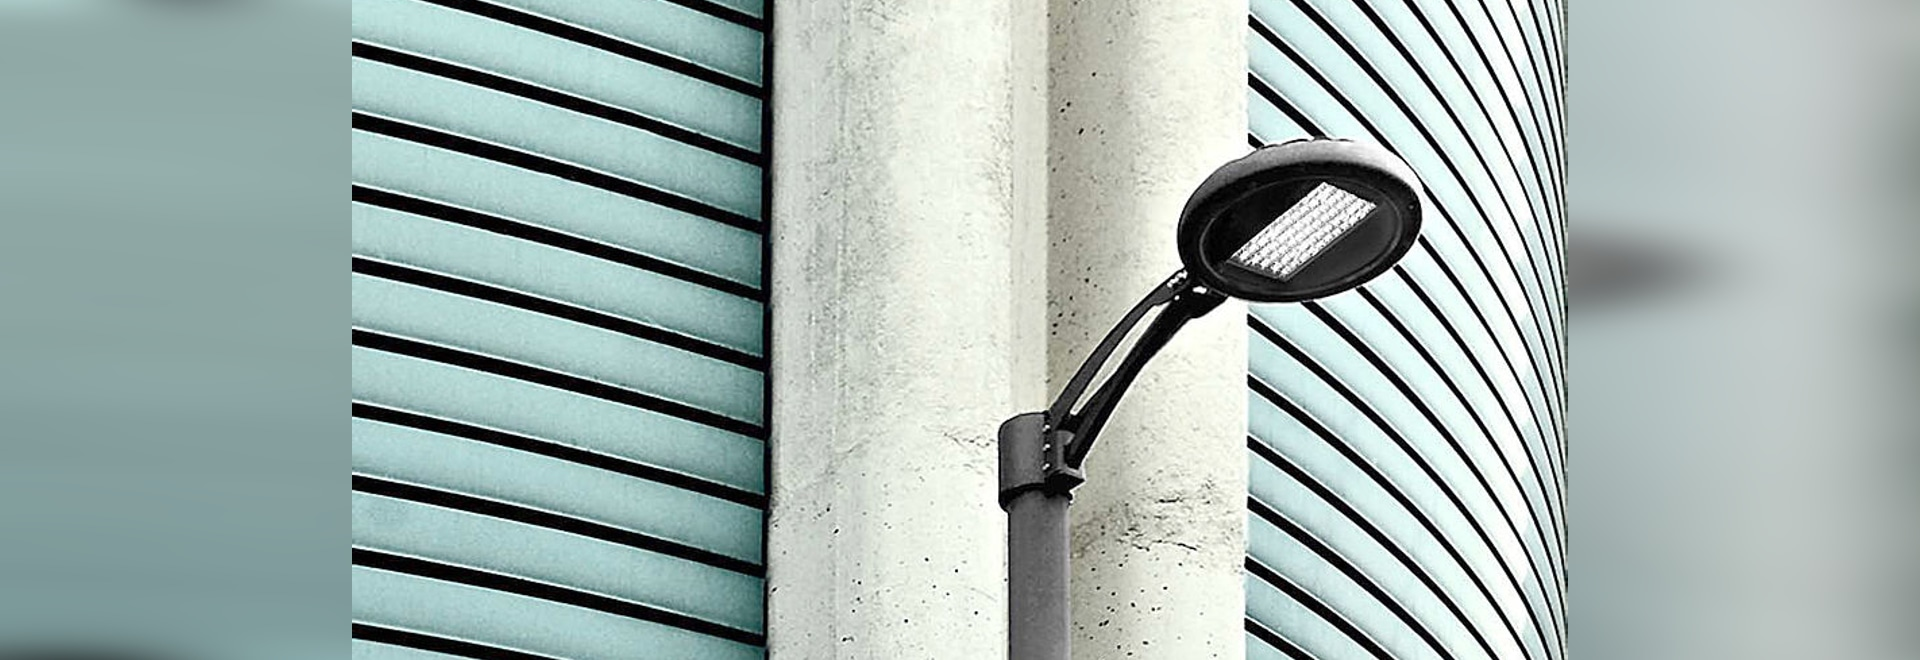 NEW: urban lamp post by MARTINI Illuminazione - MARTINI Illuminazione